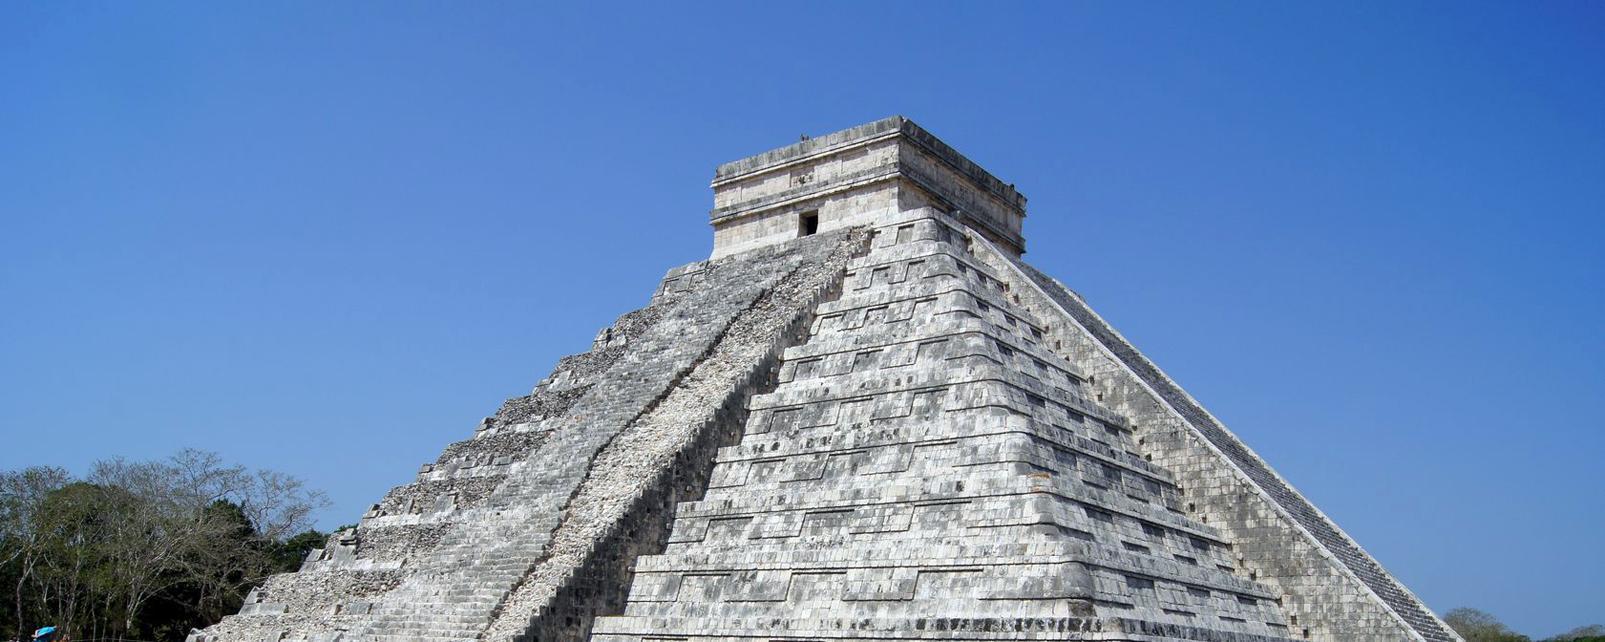 Amérique; Amérique du Sud; Mexique; Yucatan; Merida; Mérida;